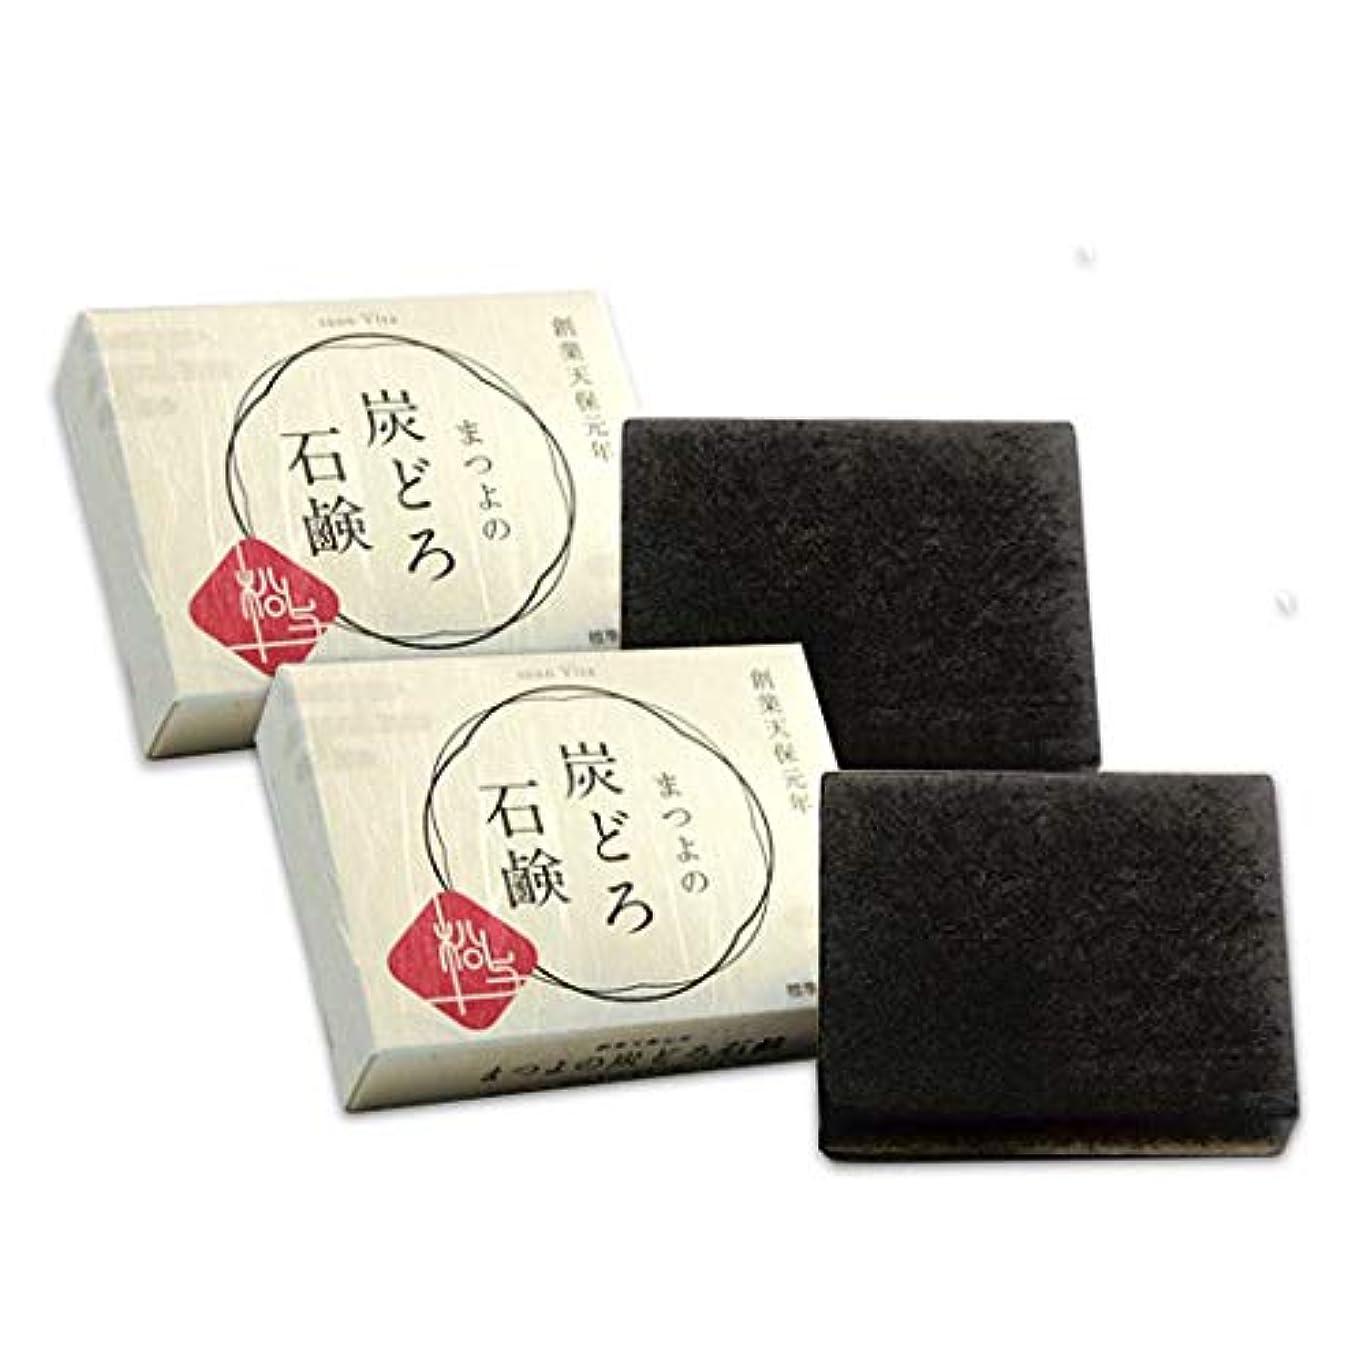 VITA(ヴィータ) 石鹸 EM140 70g×2個入り